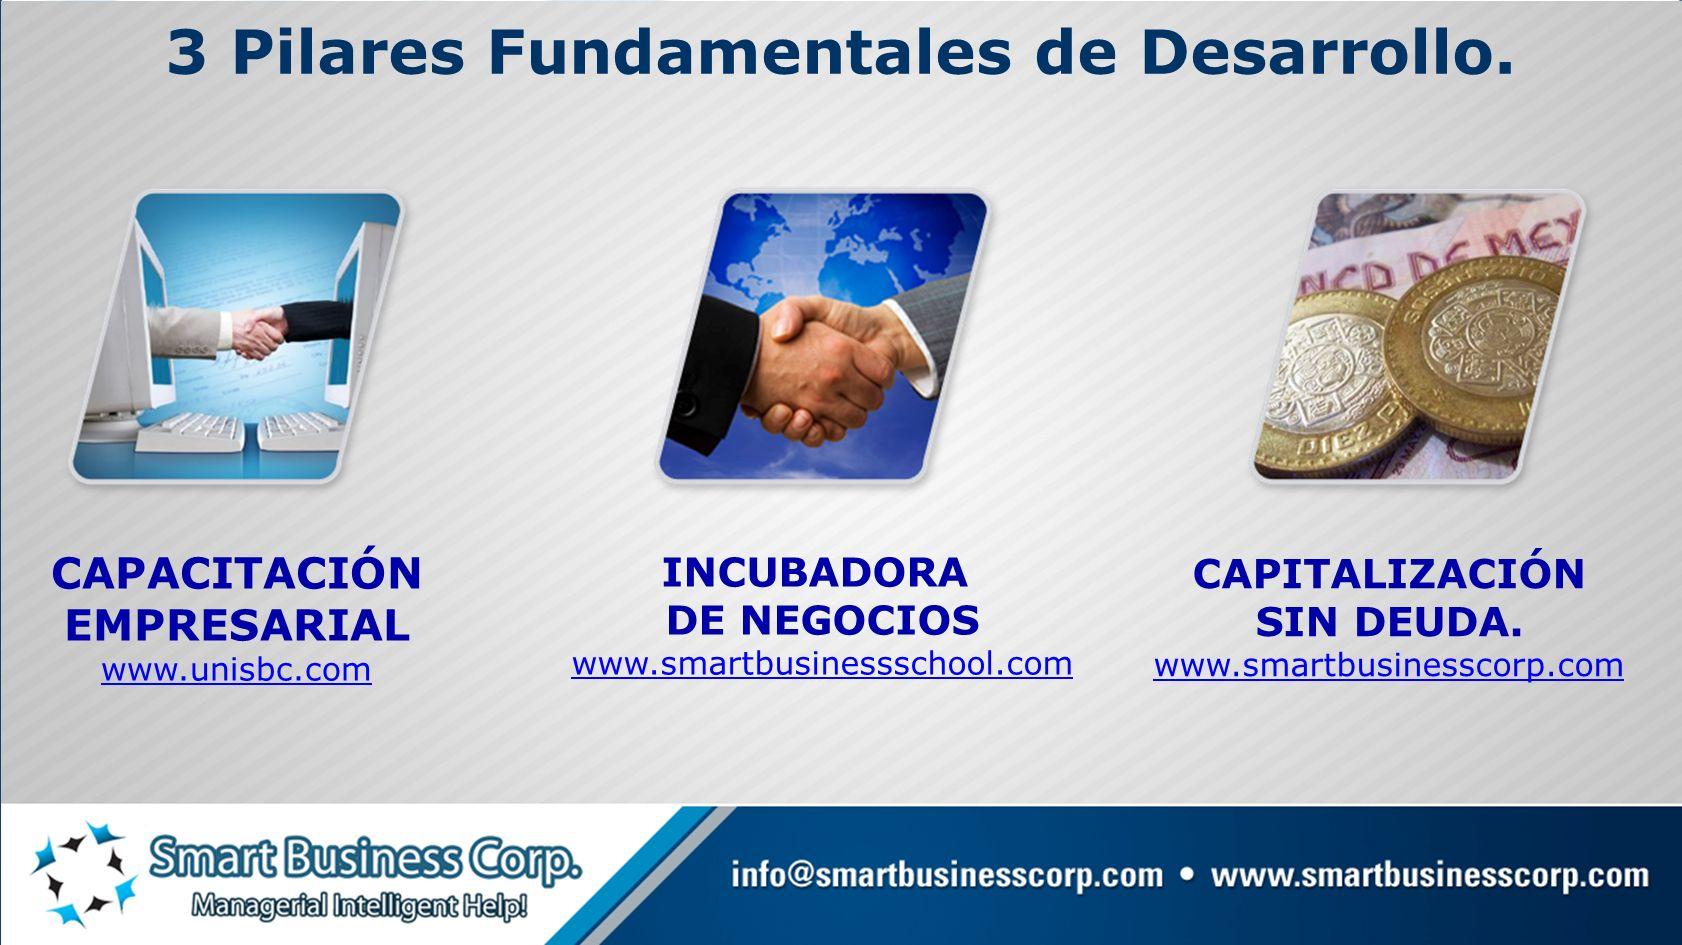 CAPITALIZACIÓN SIN DEUDA. www.smartbusinesscorp.com 3 Pilares Fundamentales de Desarrollo.